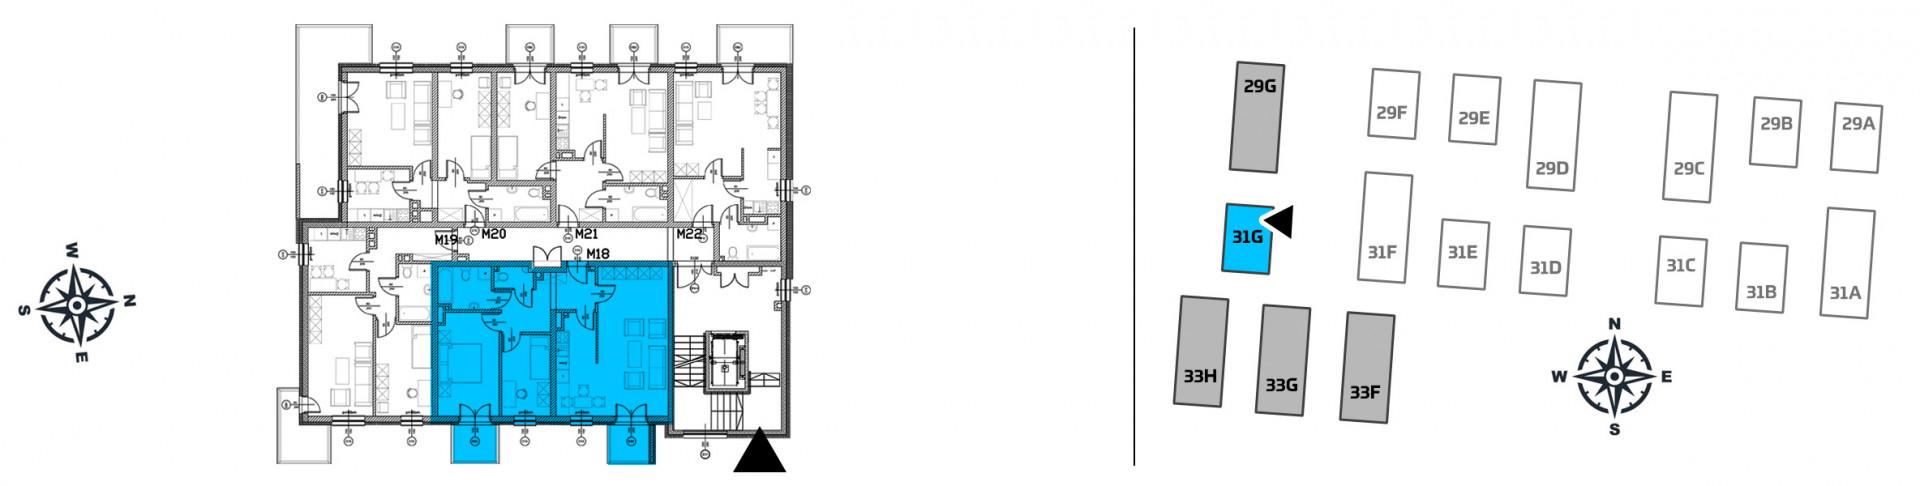 Mieszkanie trzypokojowe 31G/18 rzut 2